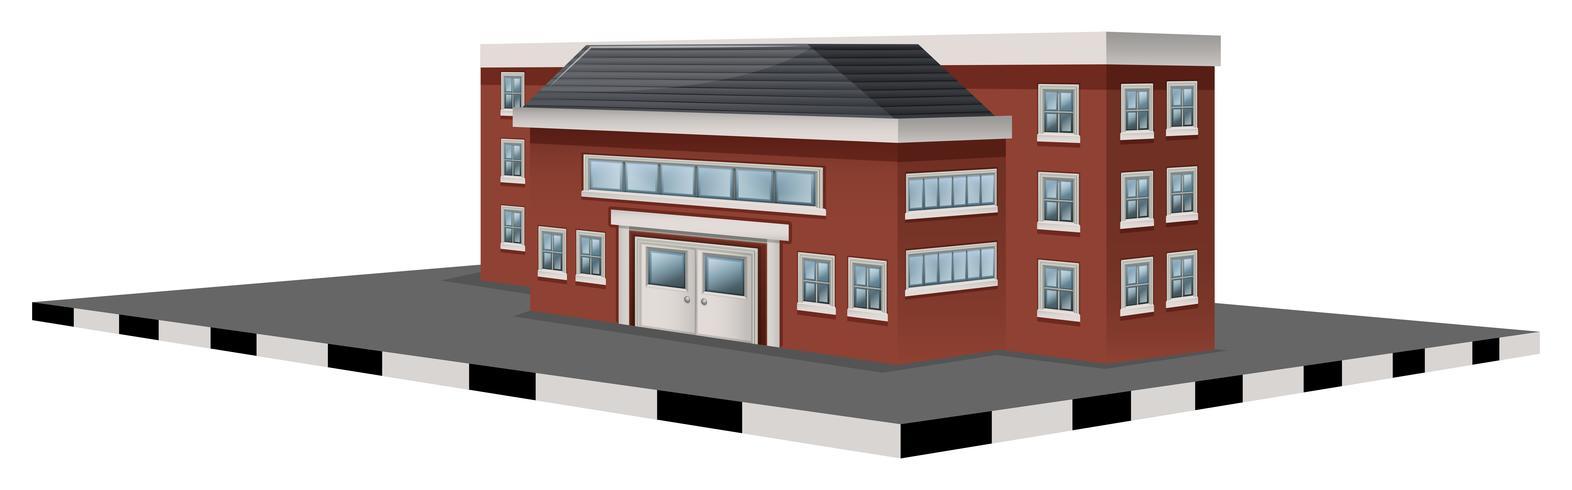 Schulgebäude in 3D-Design